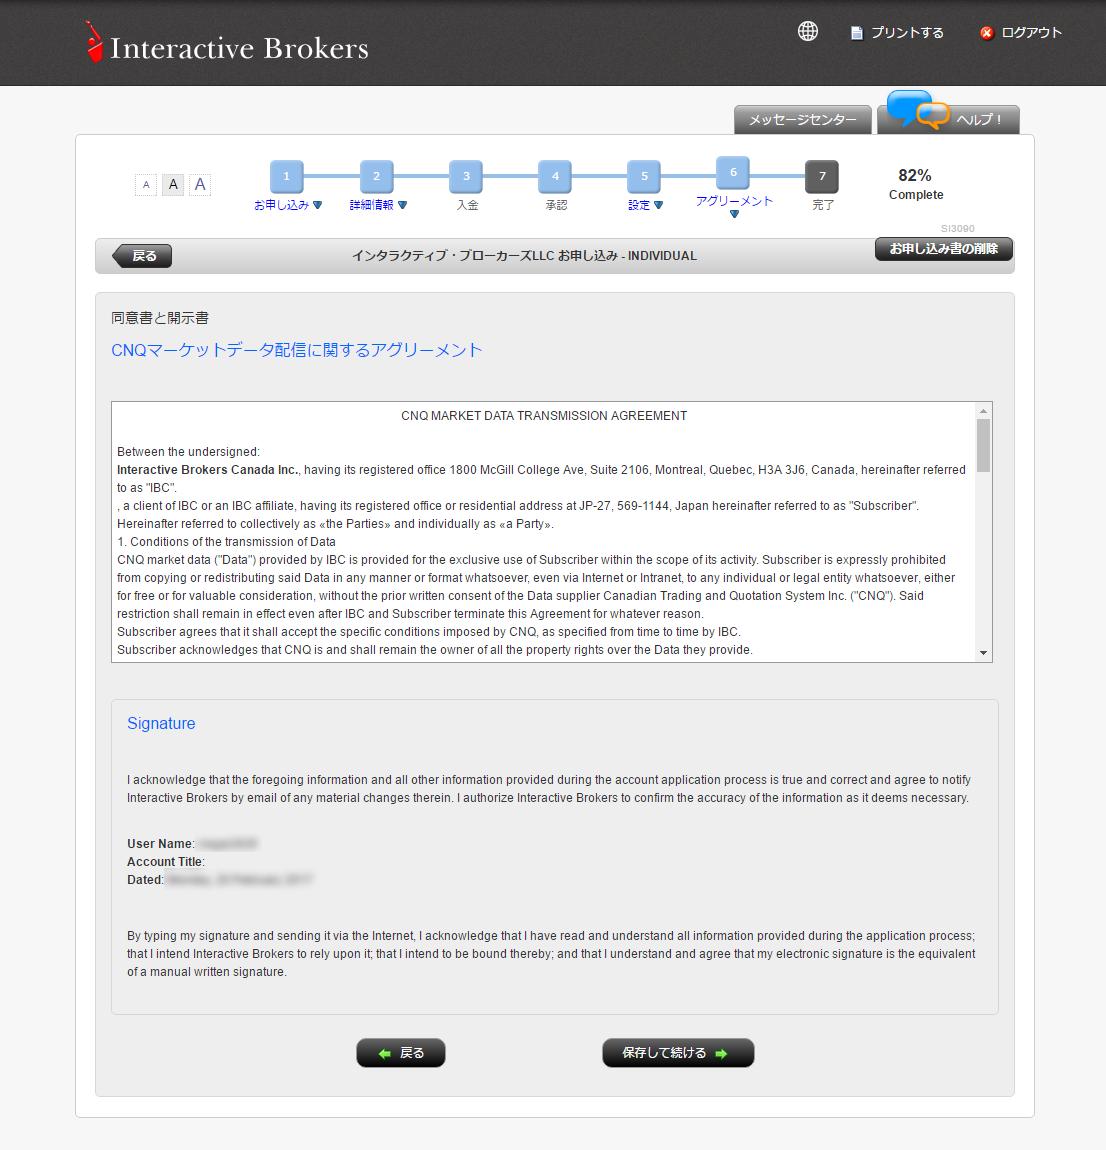 インタラクティブ・ブローカーズ証券(IB証券)CNQマーケットデータ配信に関するアグリーメント